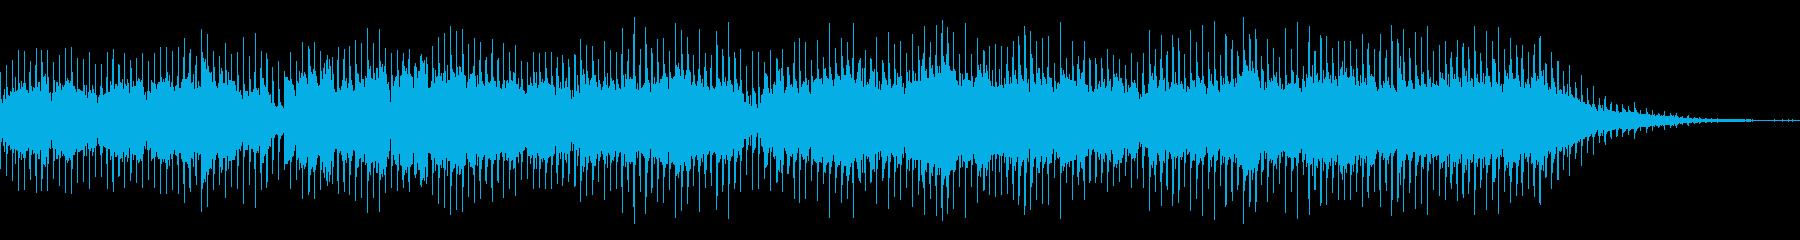 チェロとアコギの癒し系カントリーBGMの再生済みの波形